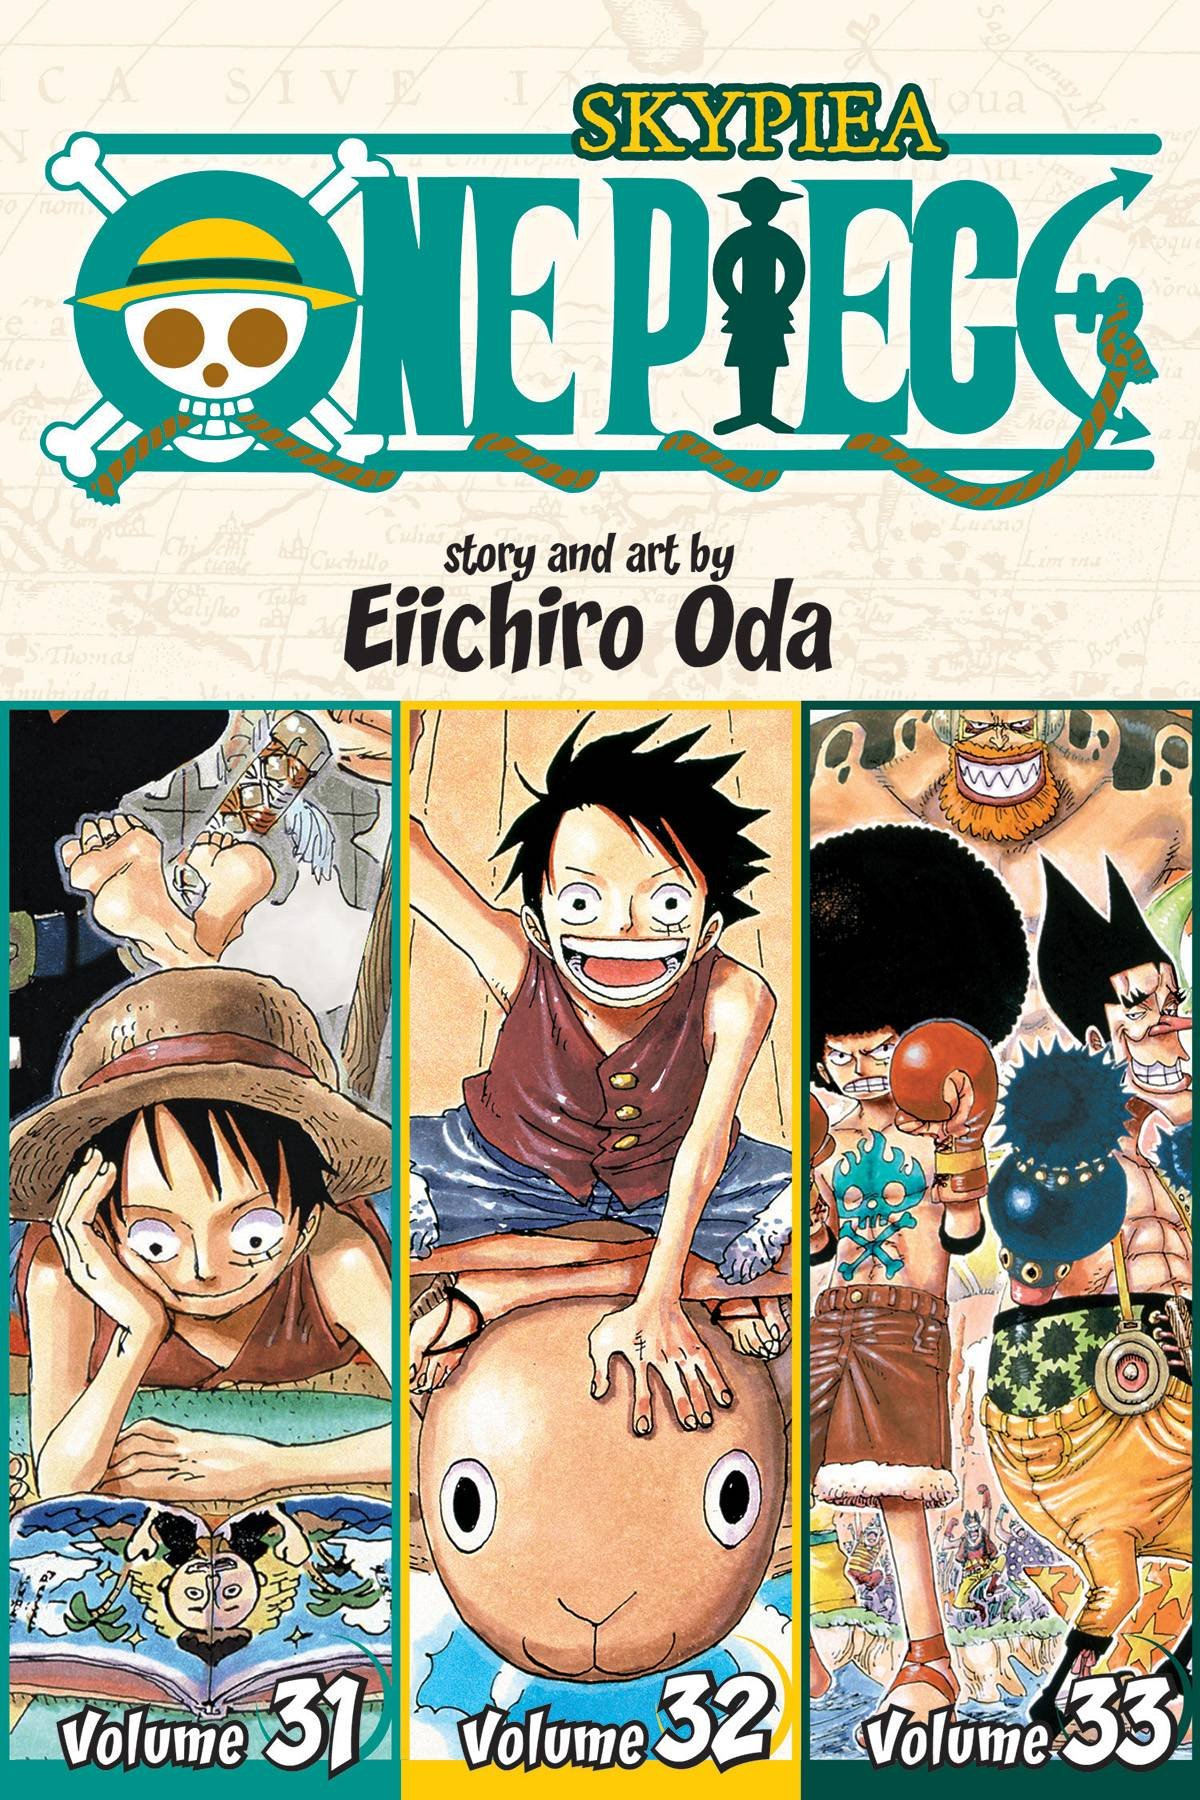 One Piece: Skypeia 31-32-33, Vol. 11 (Omnibus Edition) (One Piece (Omnibus Edition)) ebook